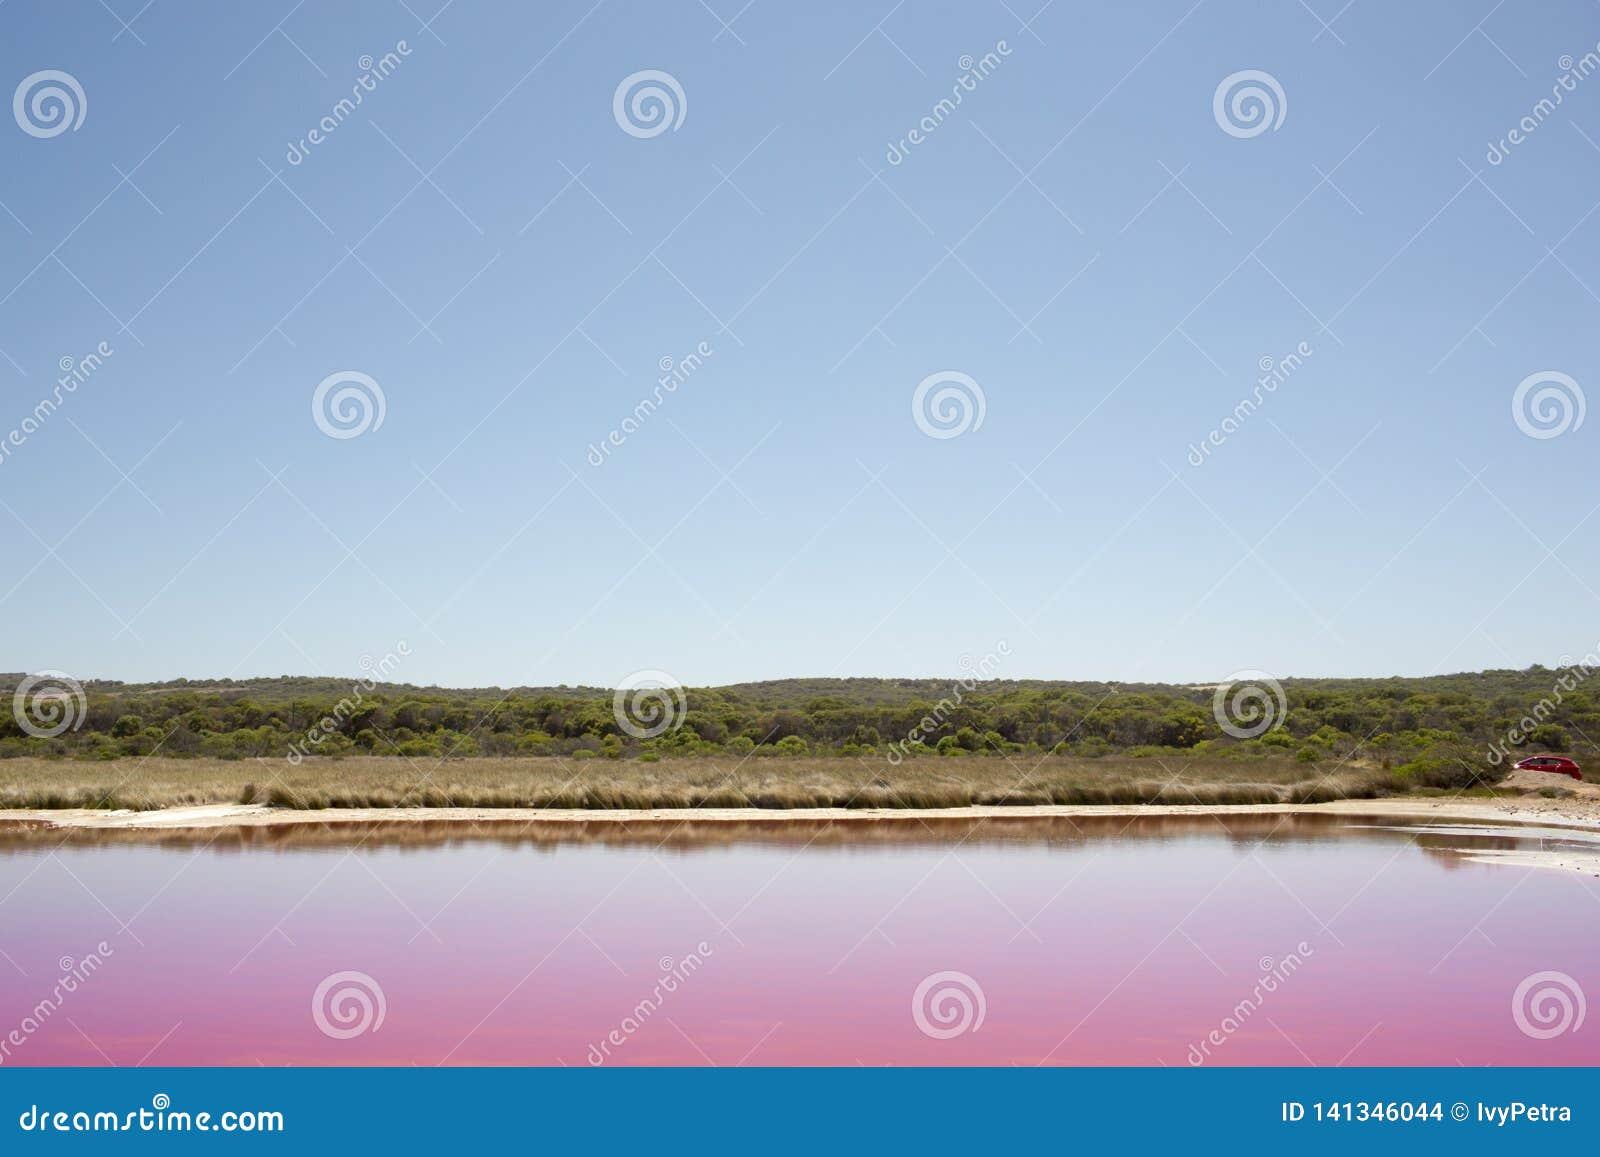 Lagoa cor-de-rosa da cabana do lago em Gregory portuário, Austrália Ocidental, Austrália